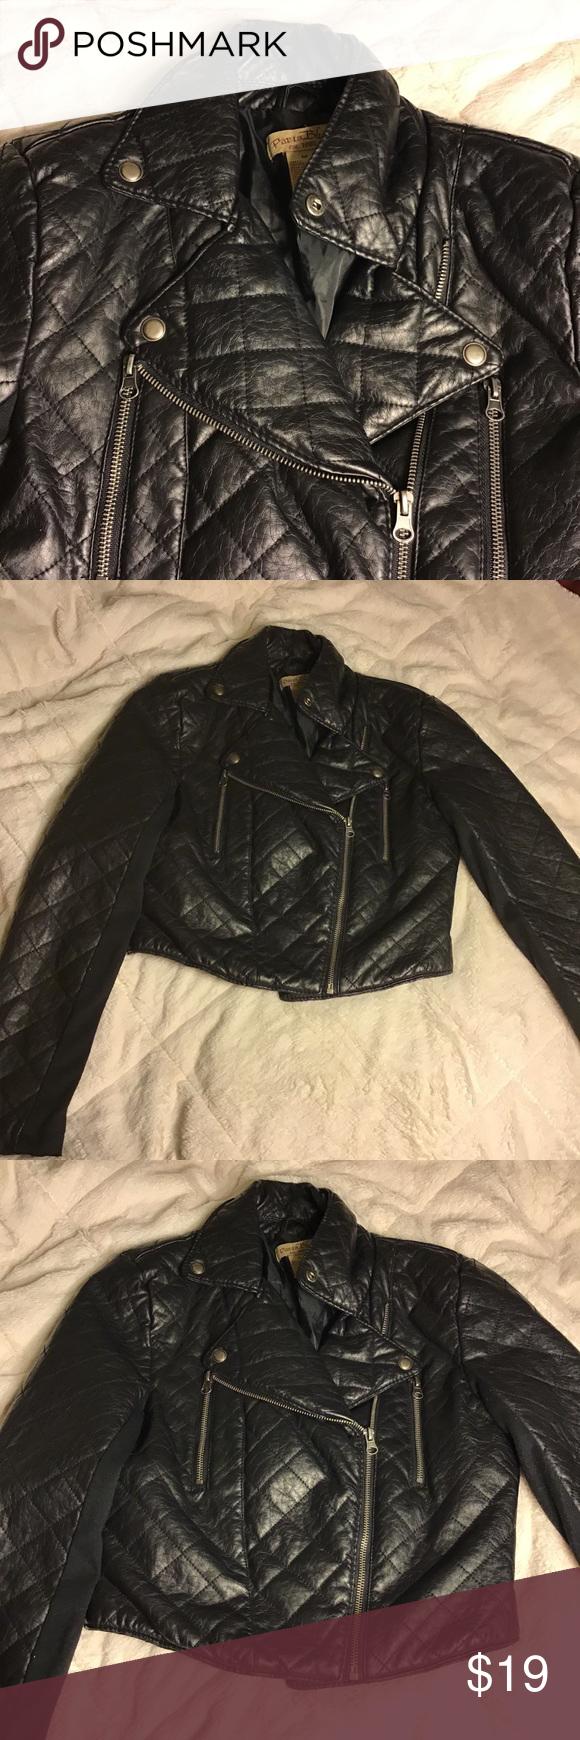 Paris Blues Faux Leather Jacket Black Leather Paris Blues Jacket Size M Paris Blues Jackets Black Faux Leather Jacket Faux Leather Jackets Black Coat Outfit [ 1740 x 580 Pixel ]